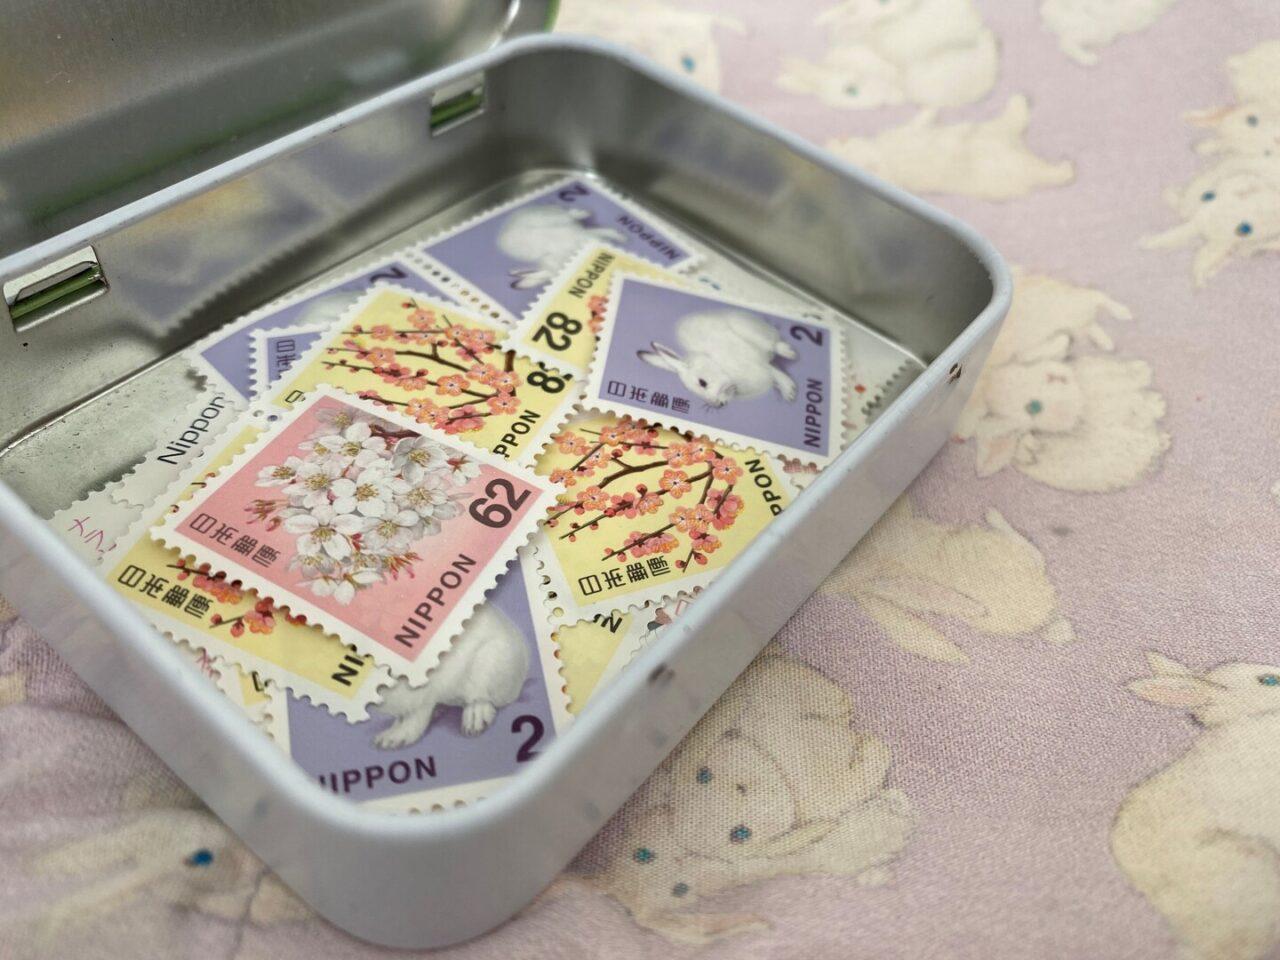 タブレット缶に切手